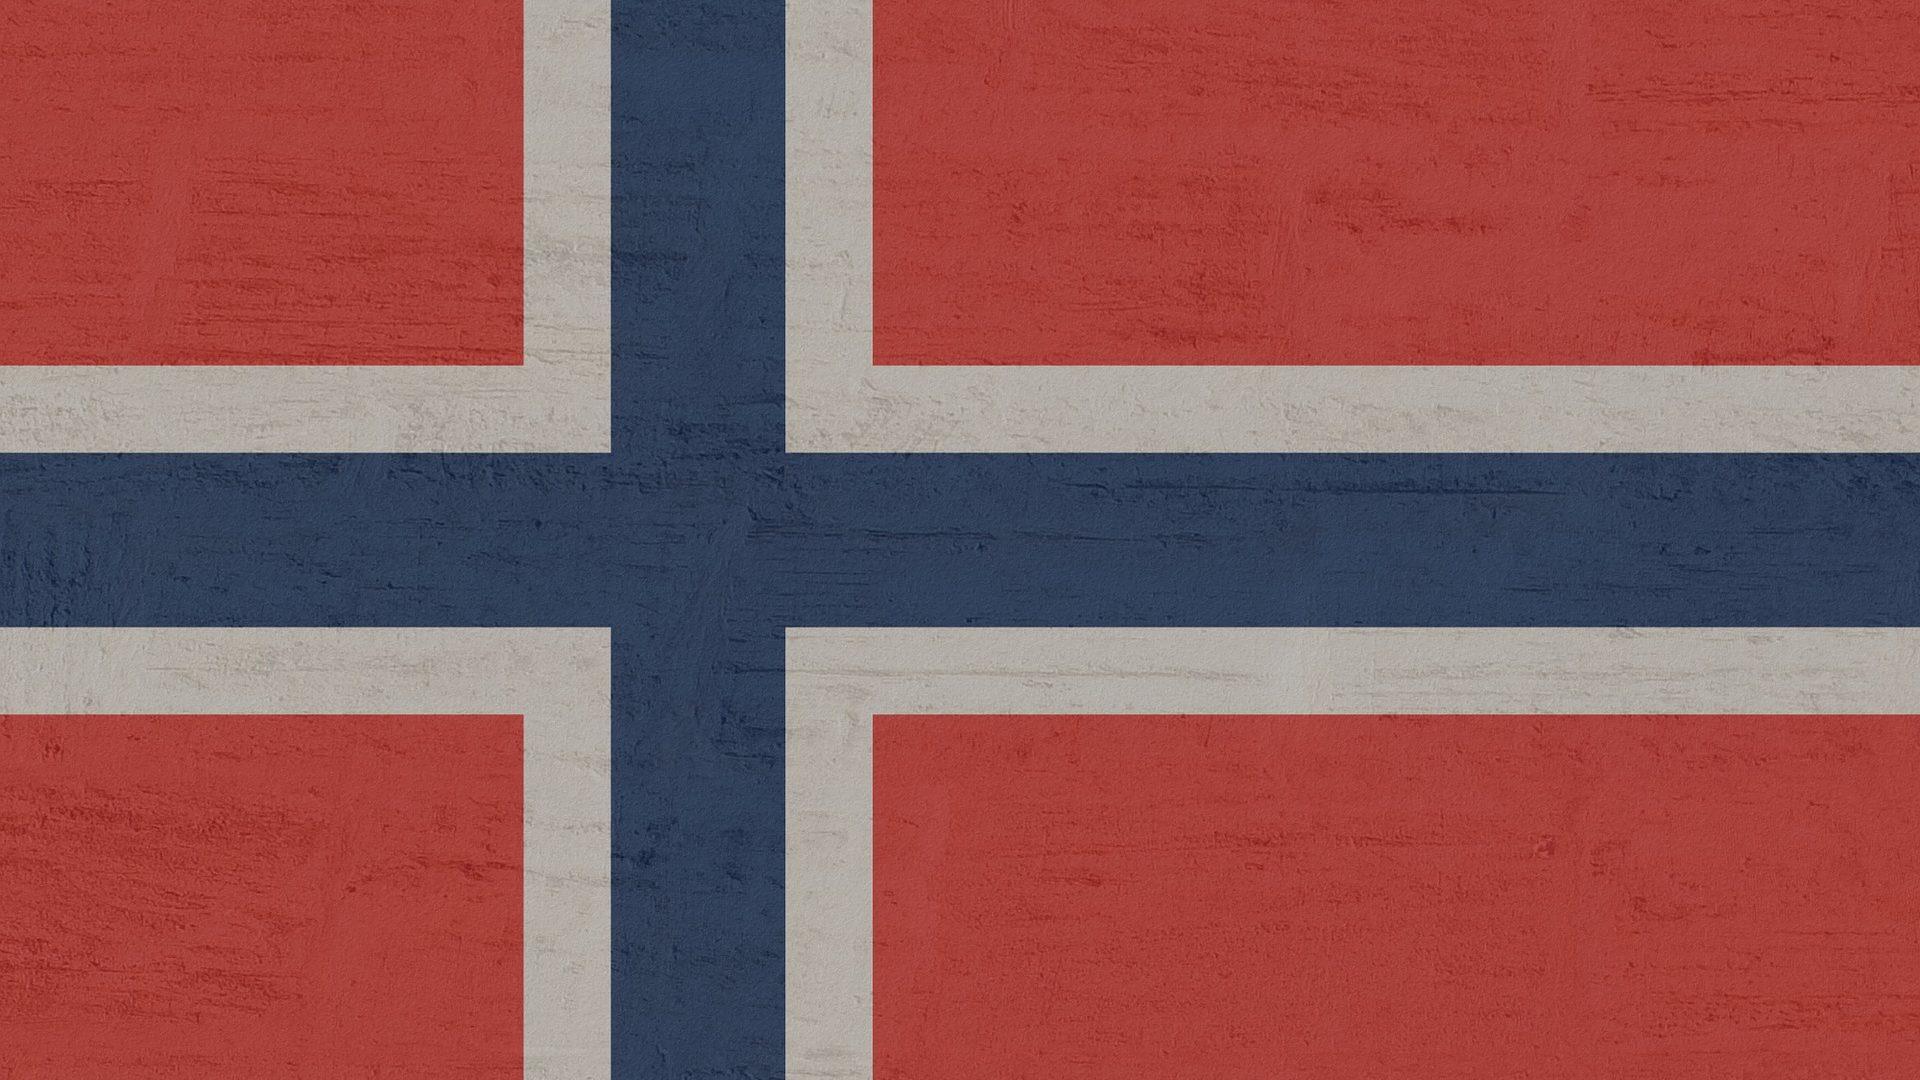 Flüge nach Norwegen